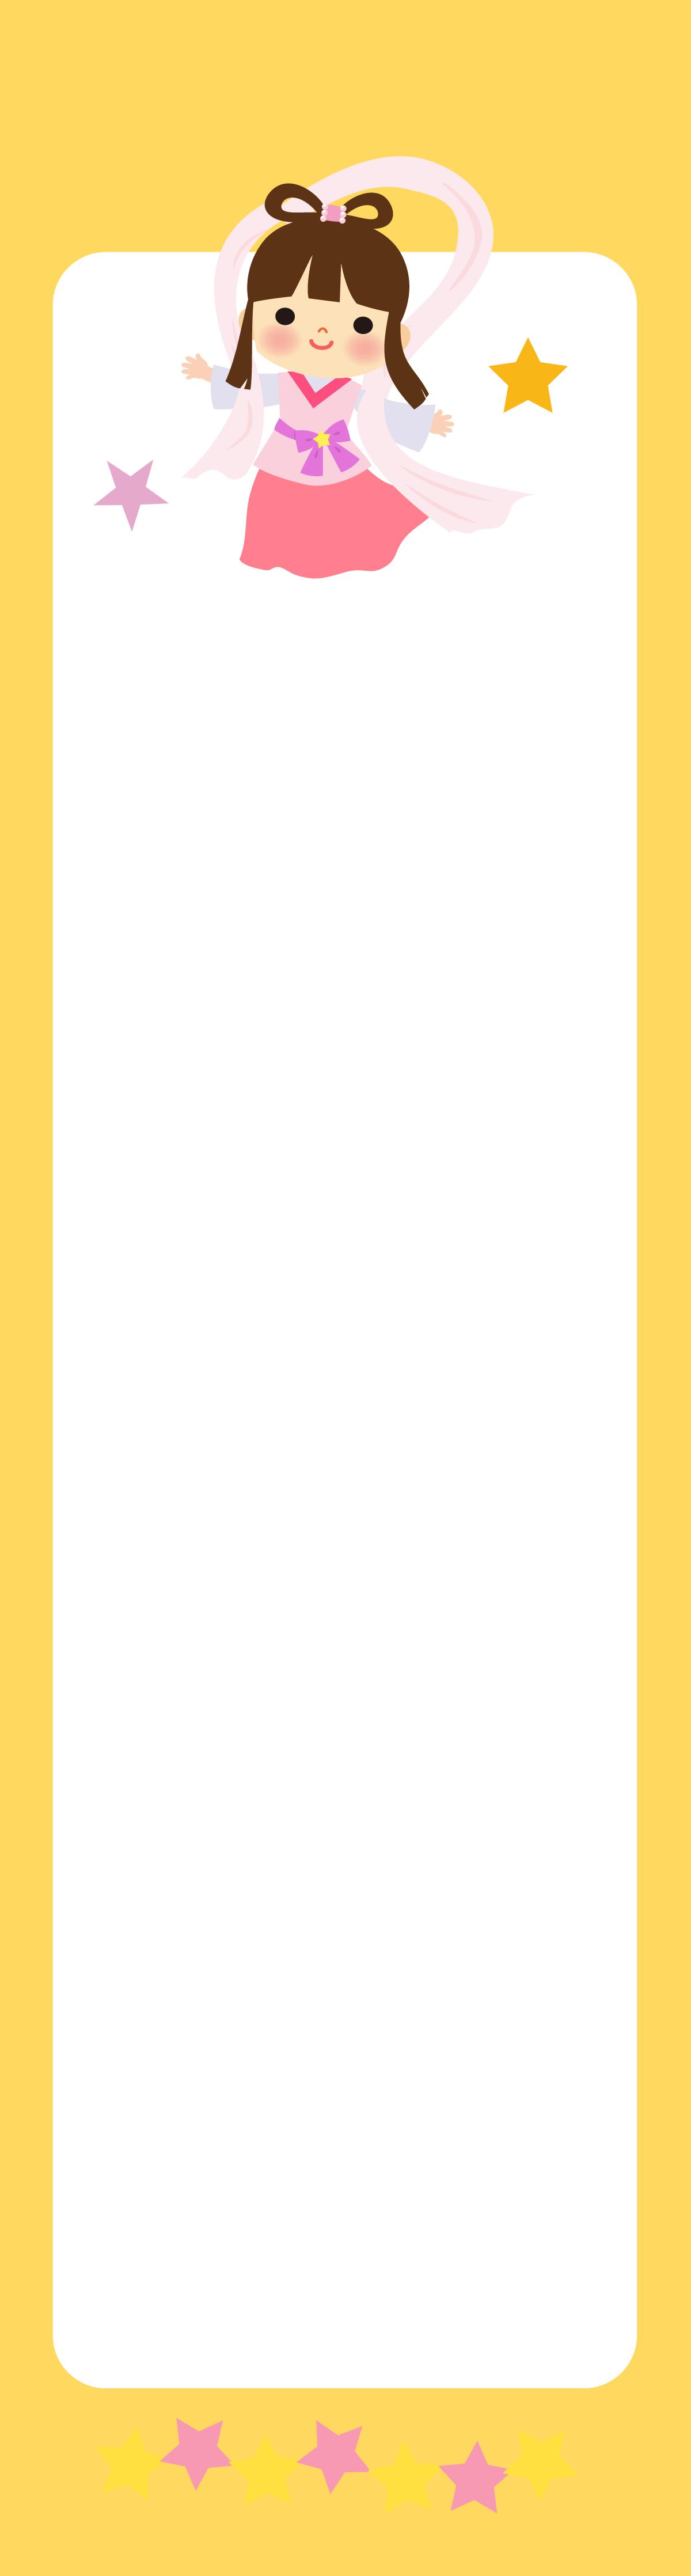 七夕の短冊無料素材(織姫イラスト)